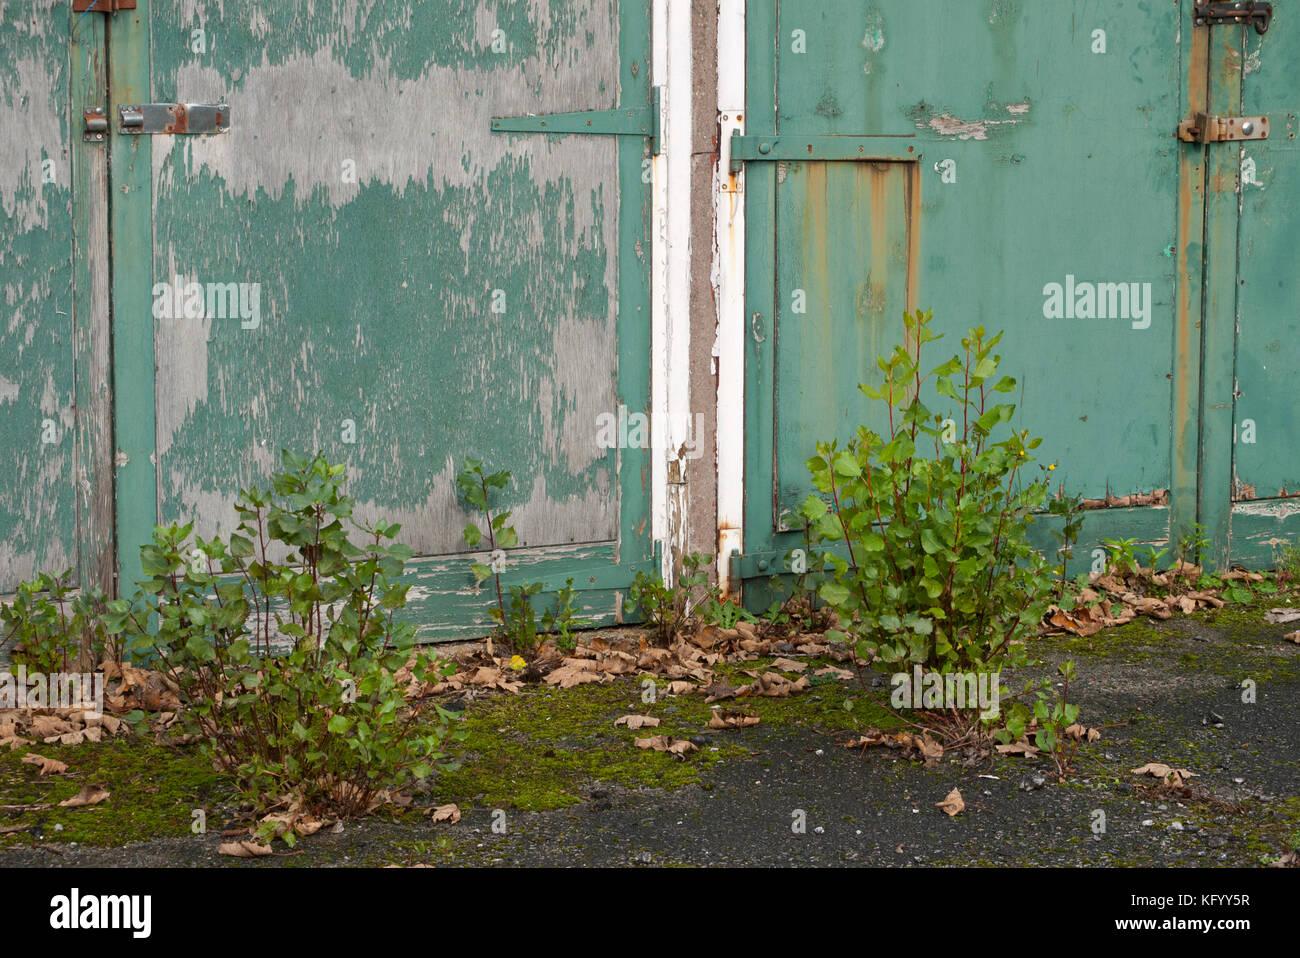 Las plantas y arbustos que crecen fuera de garajes en desuso, Inglaterra, Reino Unido. Foto de stock